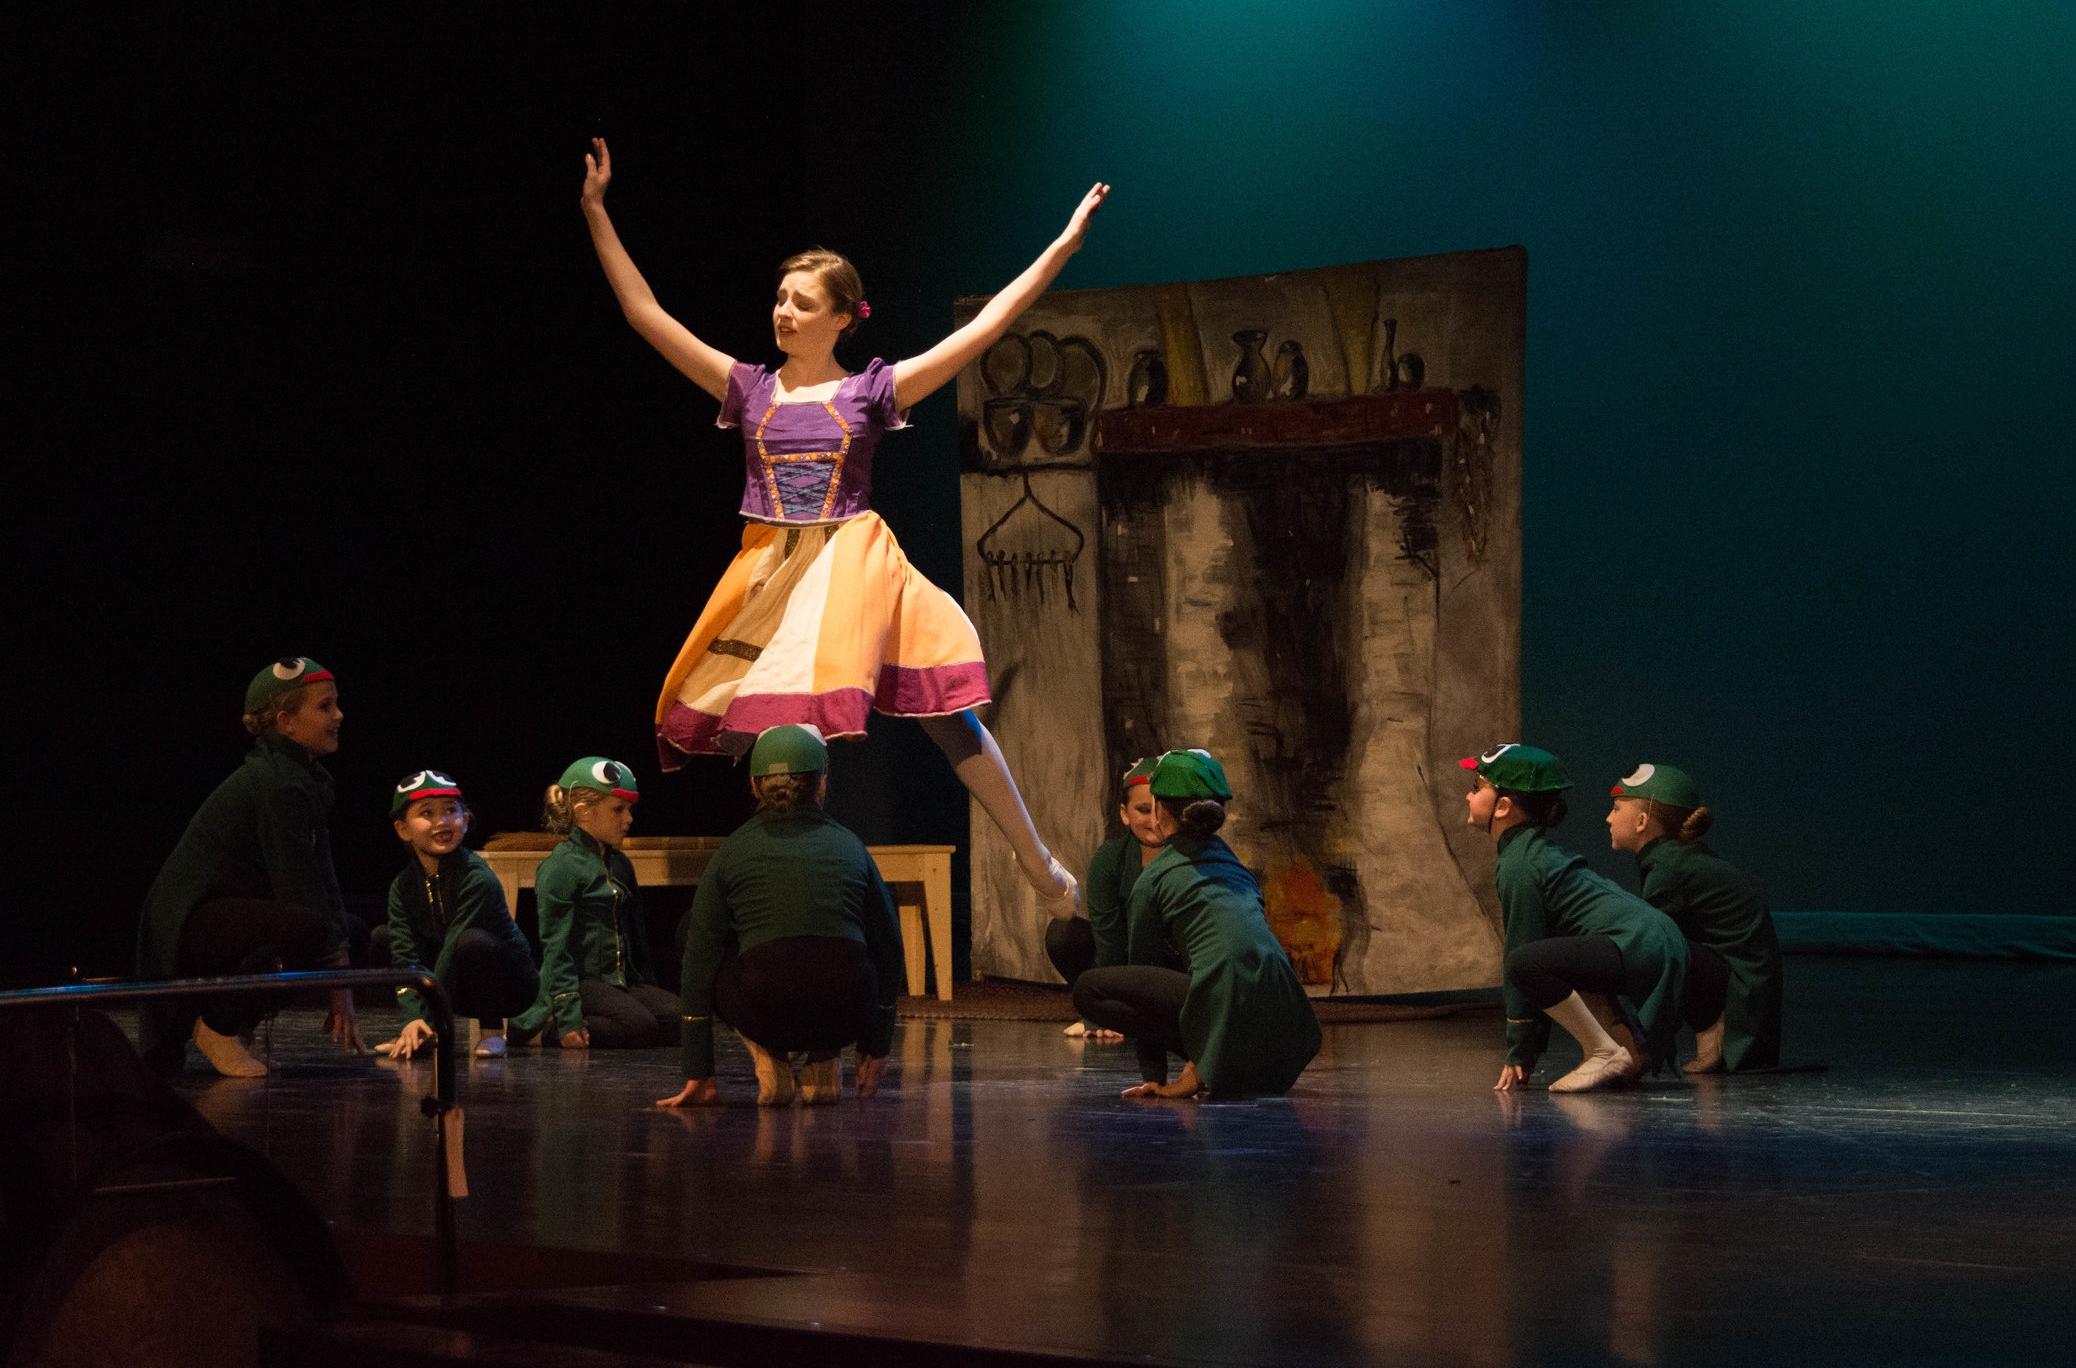 Frogs overwhelm elder daughter Cerise, danced by Rebekah Schmitz.